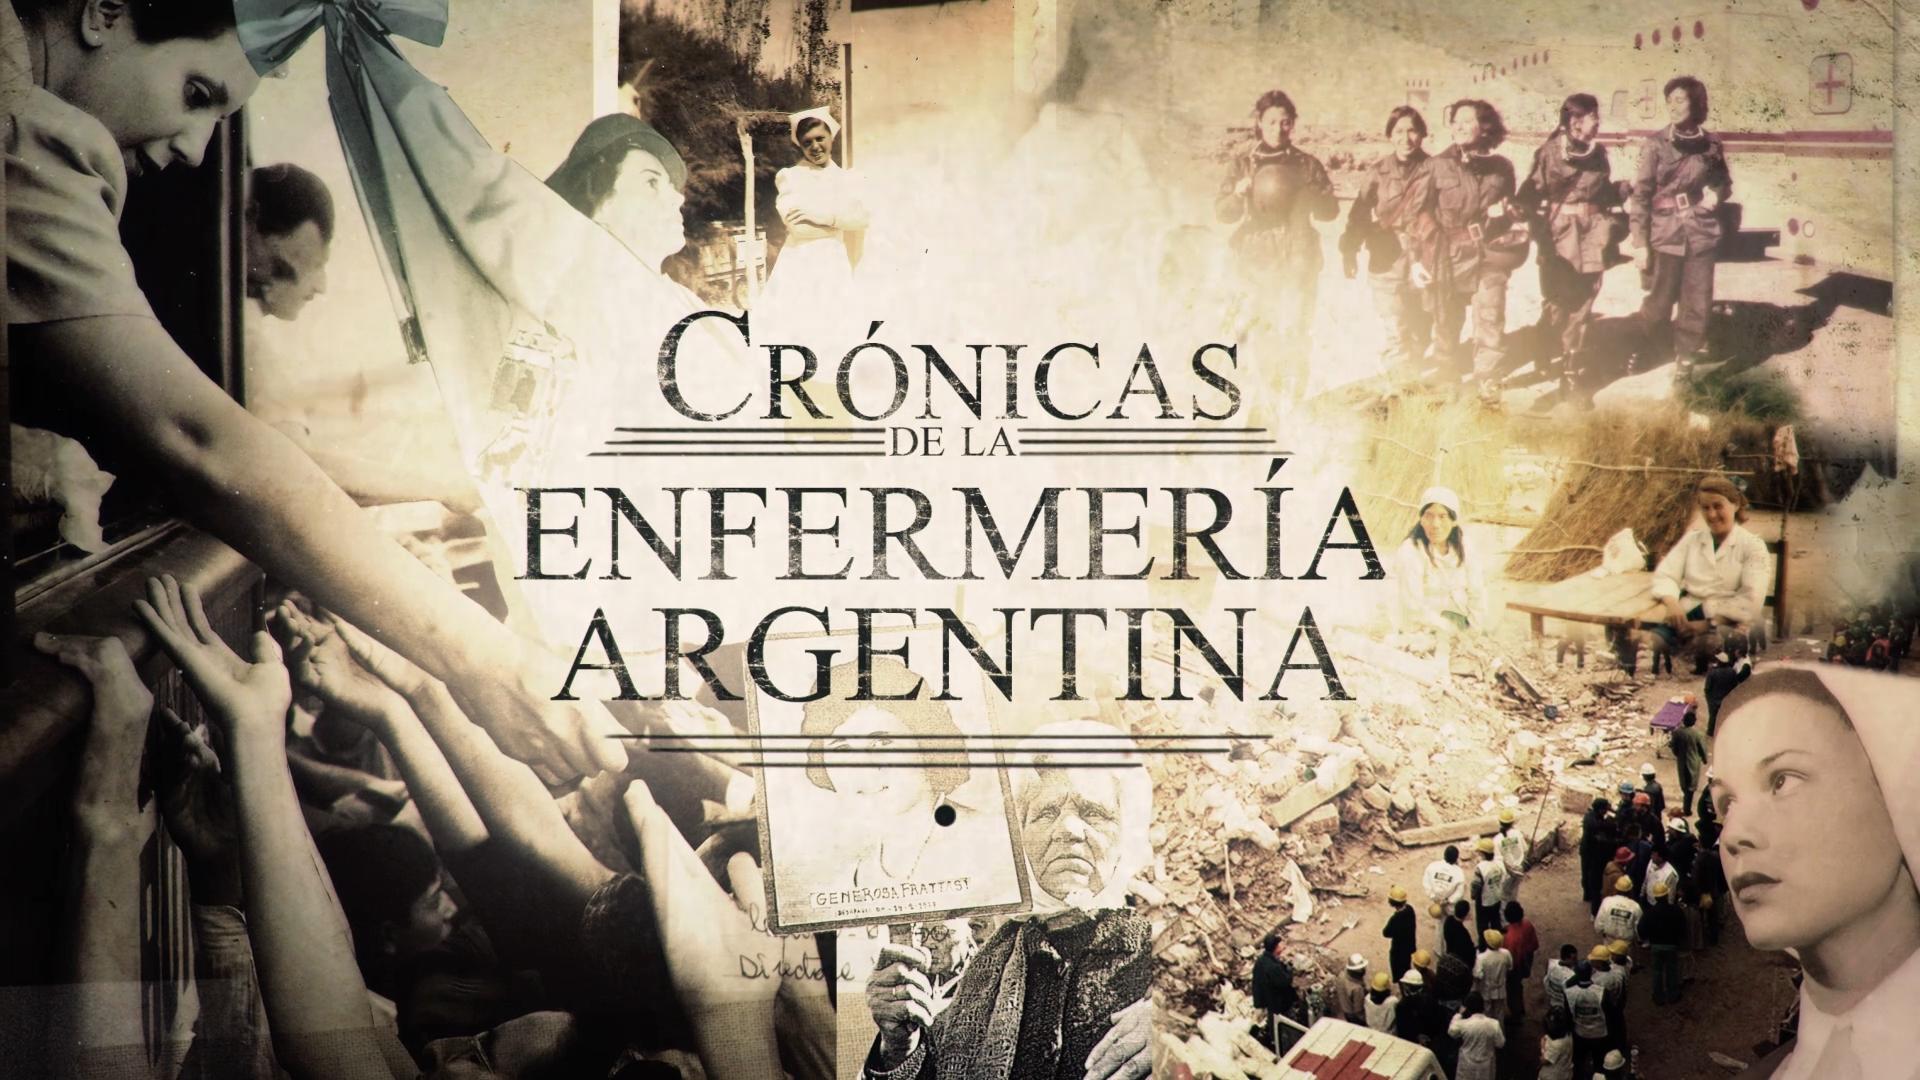 Titulos_Cronicas_05